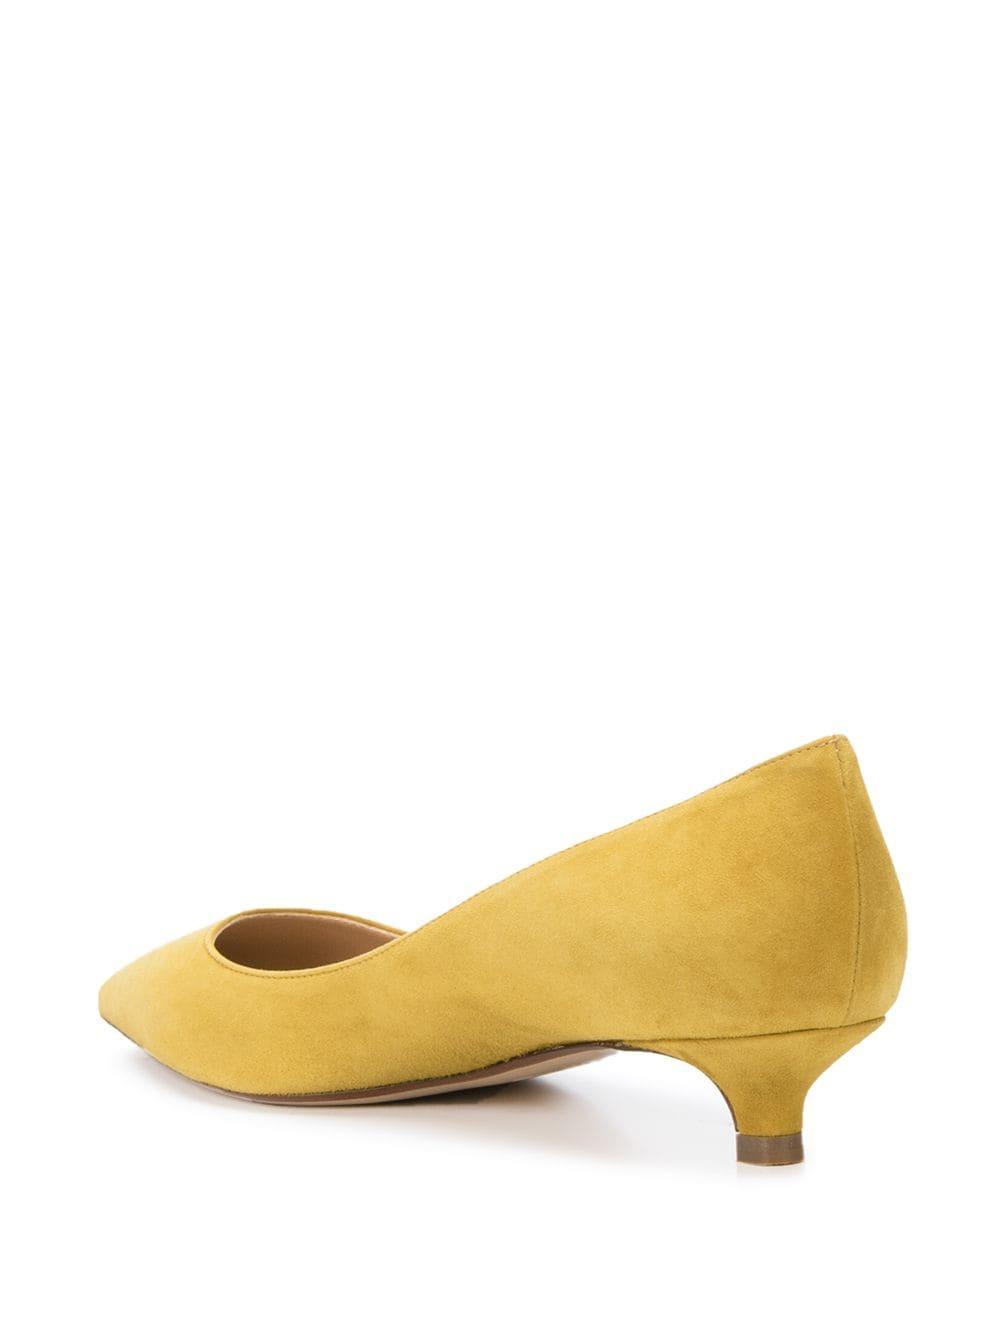 Zapatos con kitten heel y puntera en punta Francesco Russo de Cuero de color Amarillo